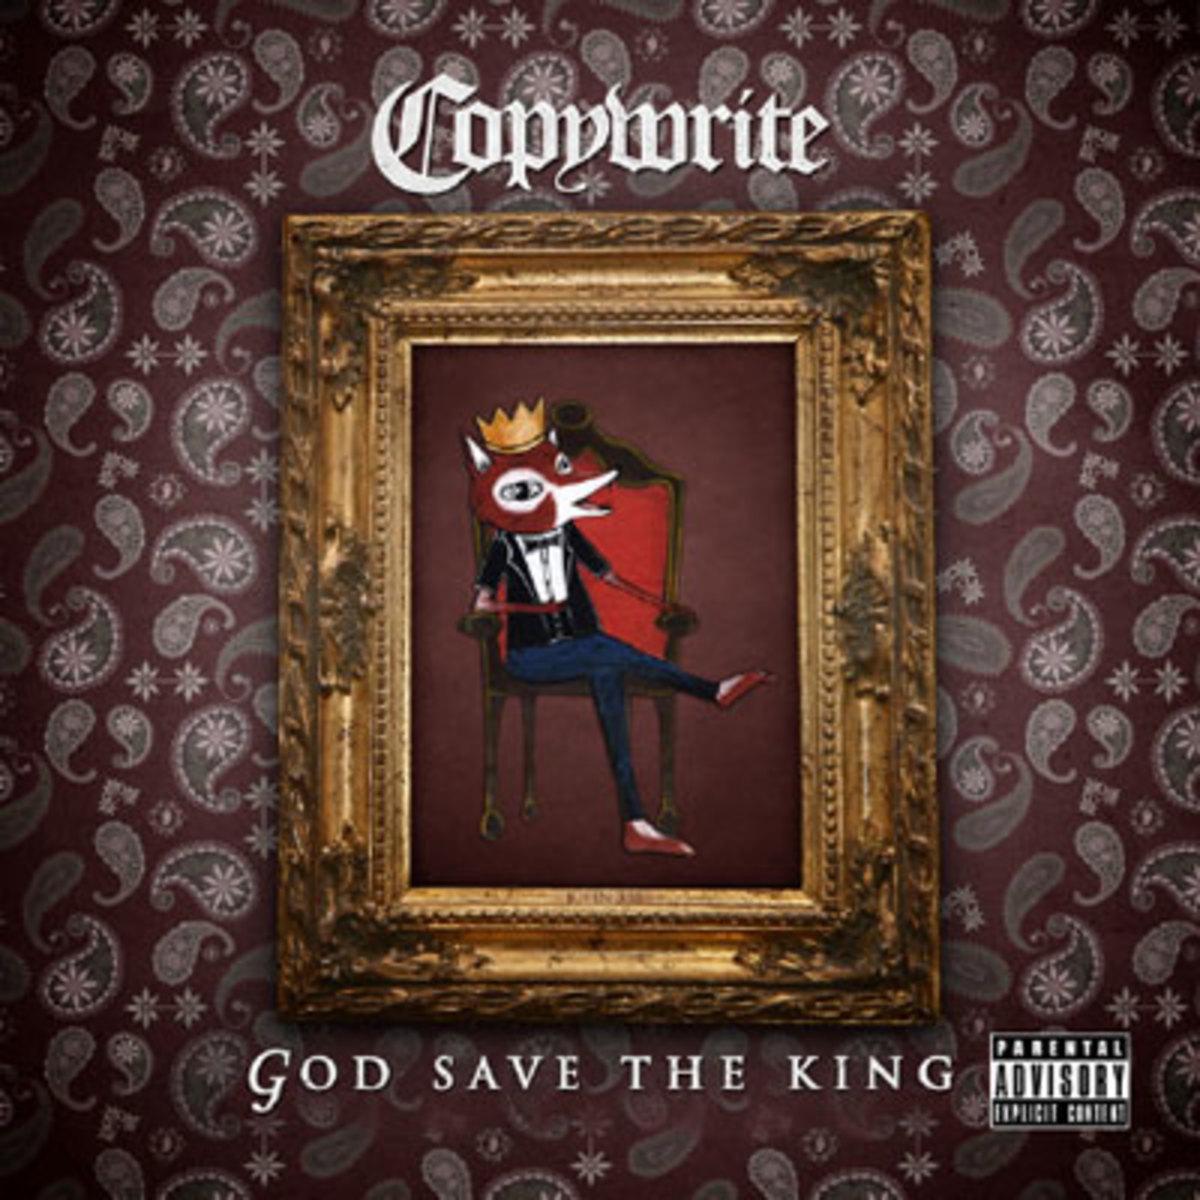 copywrite-godsavetheking.jpg